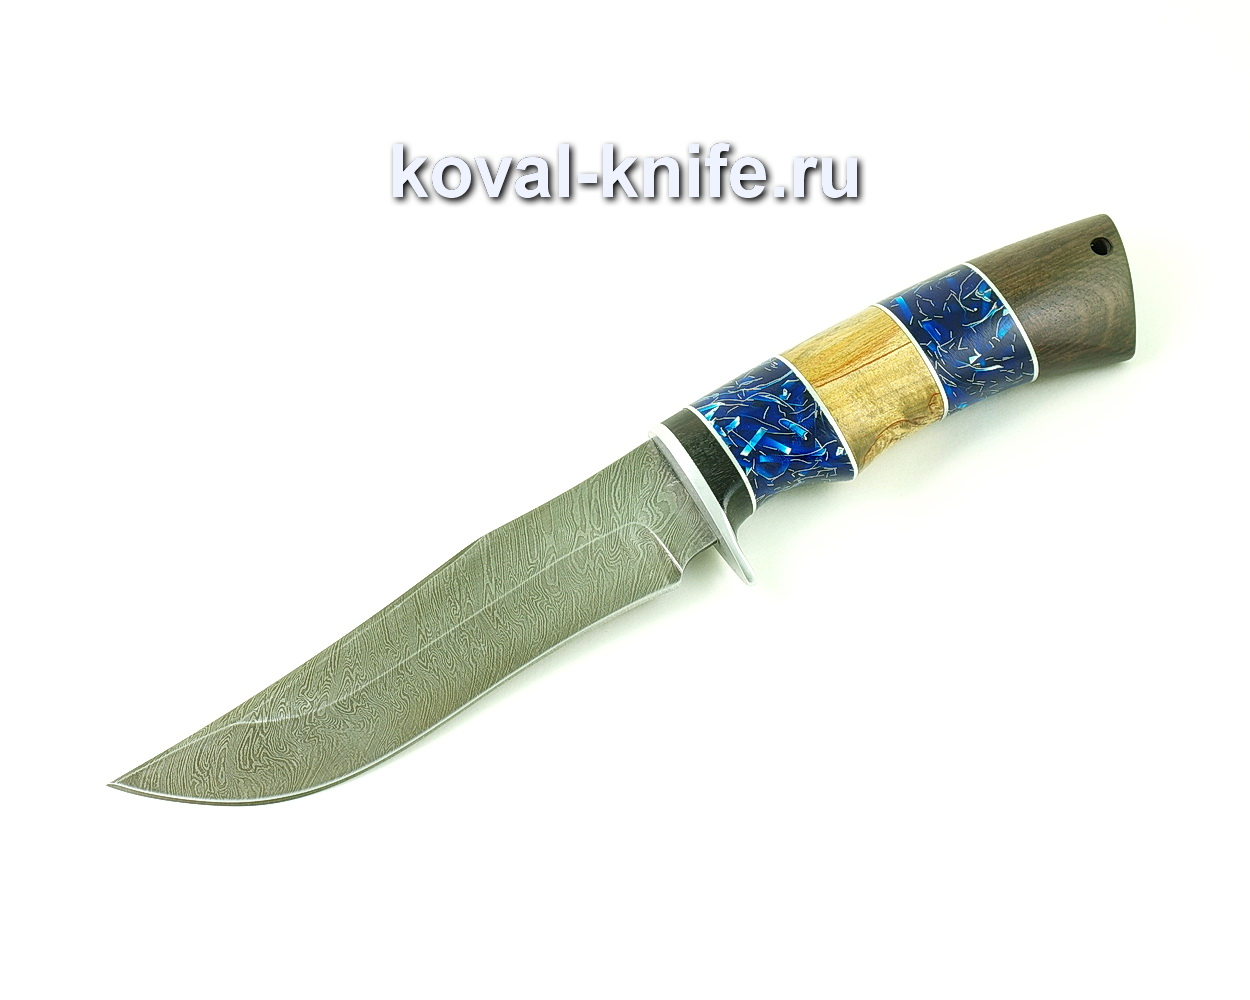 Нож из дамасской стали Пират (рукоять композит, карелка, венге) A487